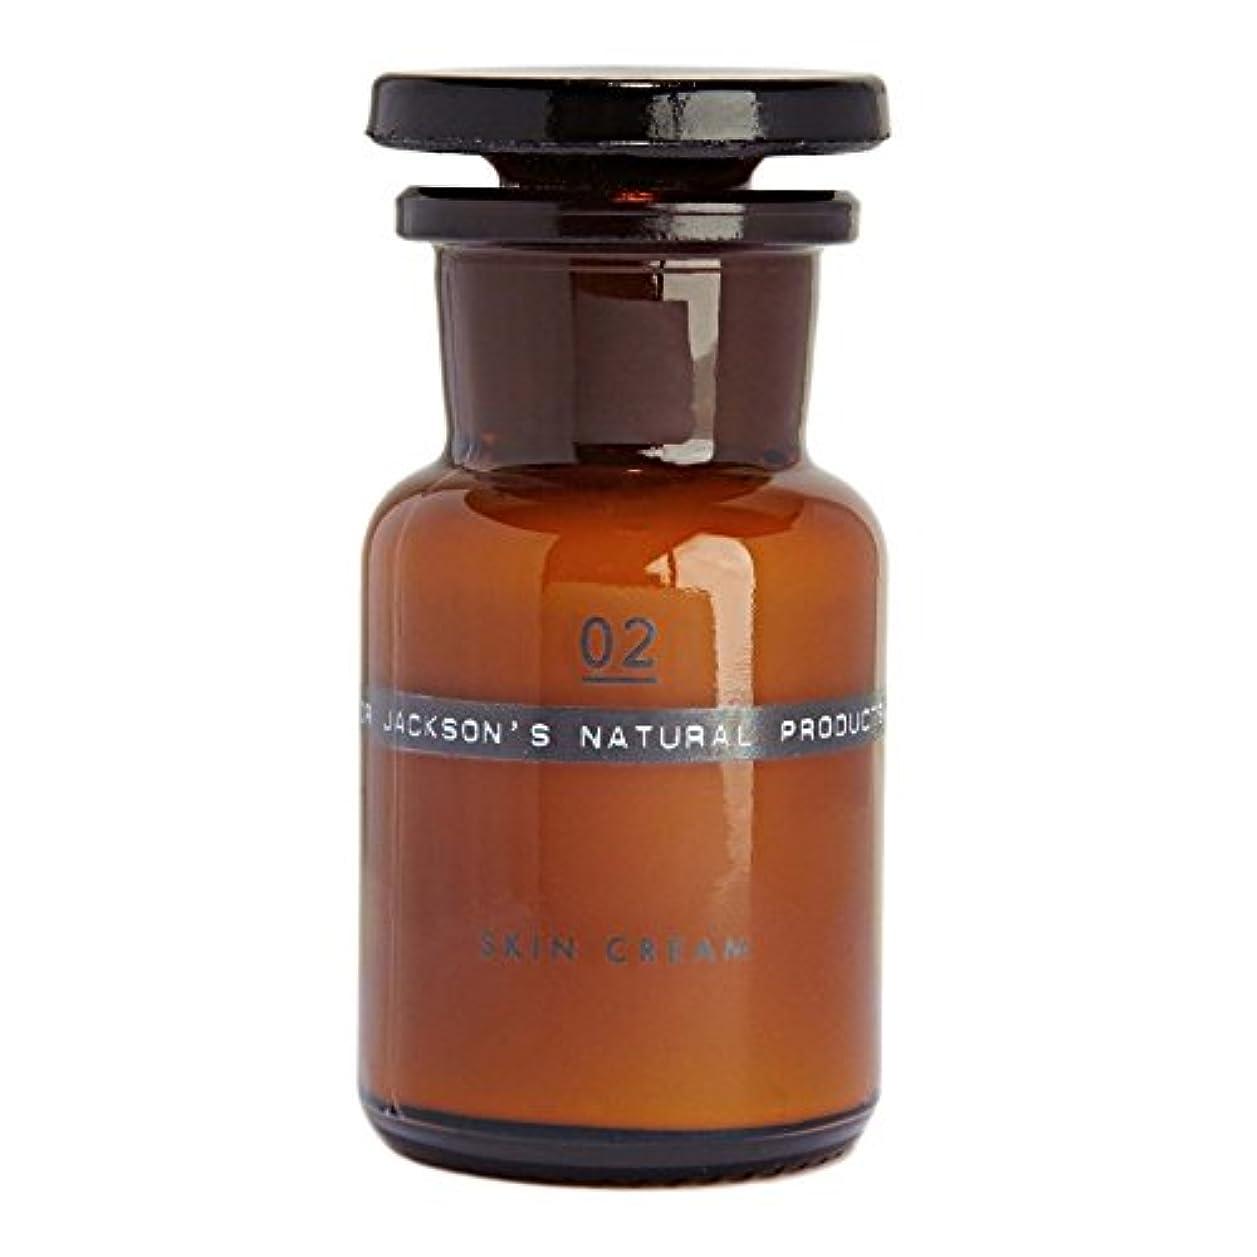 ブラシエロチックラッカスジャクソンの02スキンクリーム50ミリリットル x2 - Dr Jackson's 02 Skin Cream 50ml (Pack of 2) [並行輸入品]